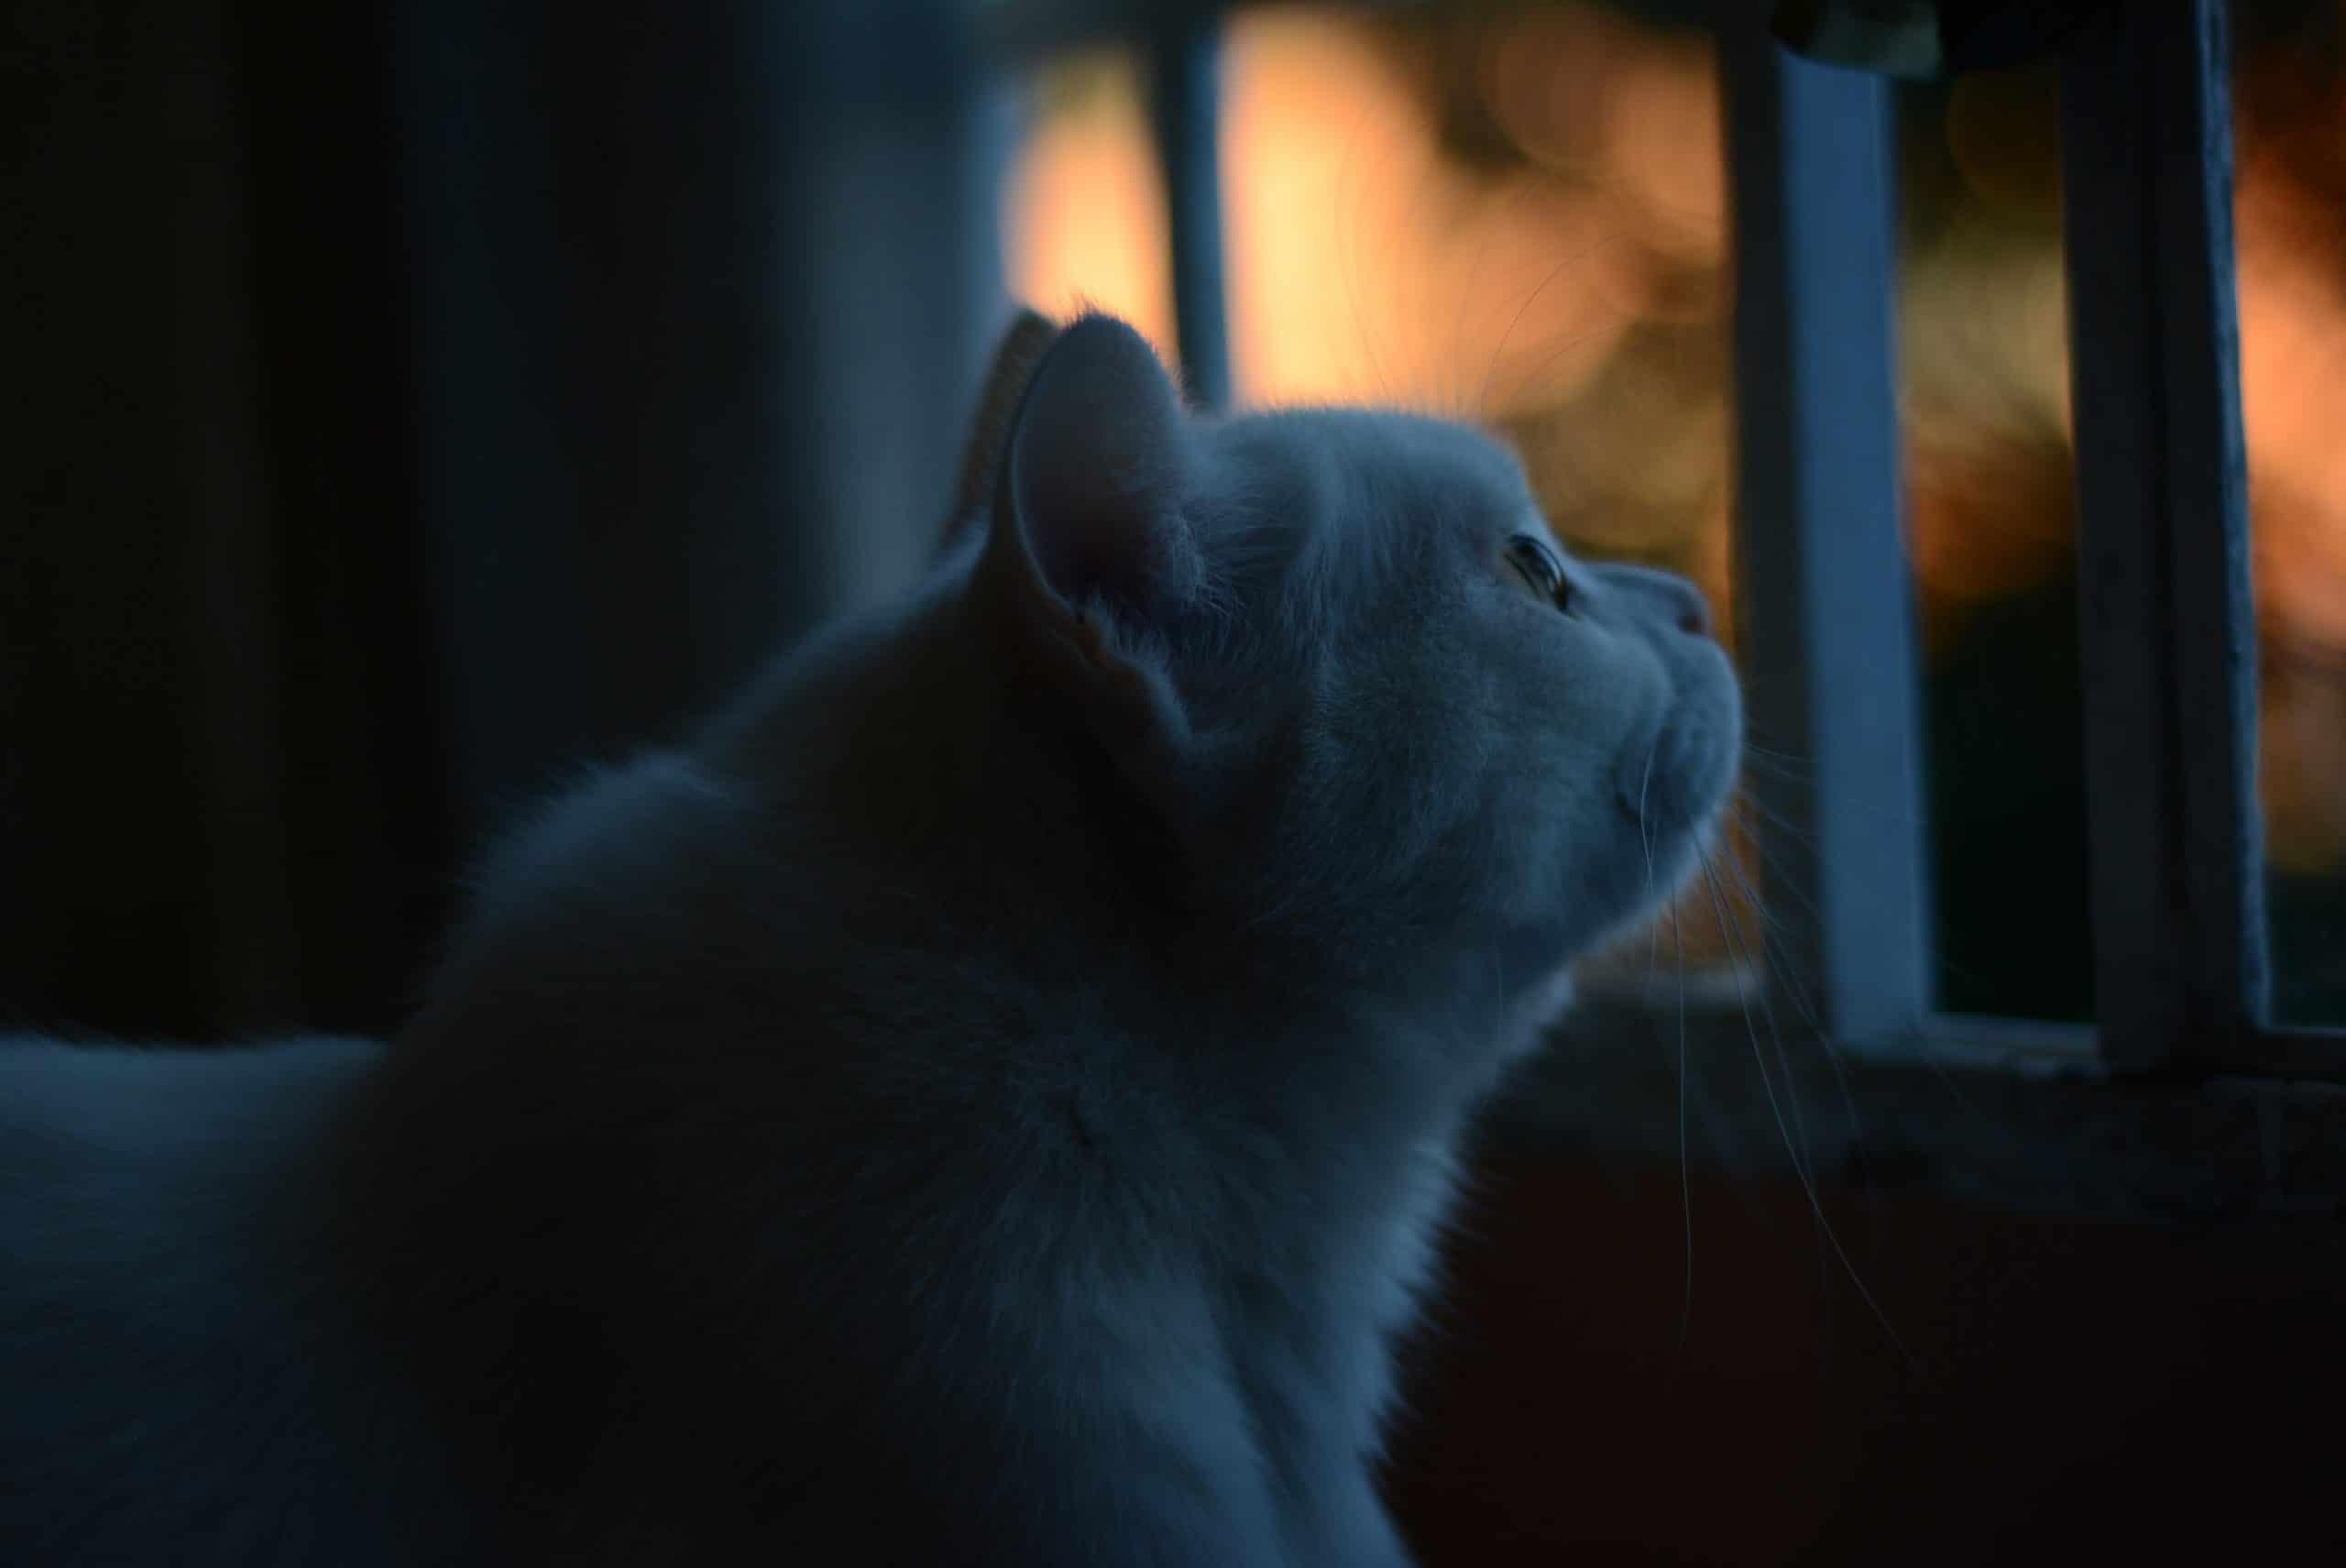 Los ojos de los gatos brillan al anochecer